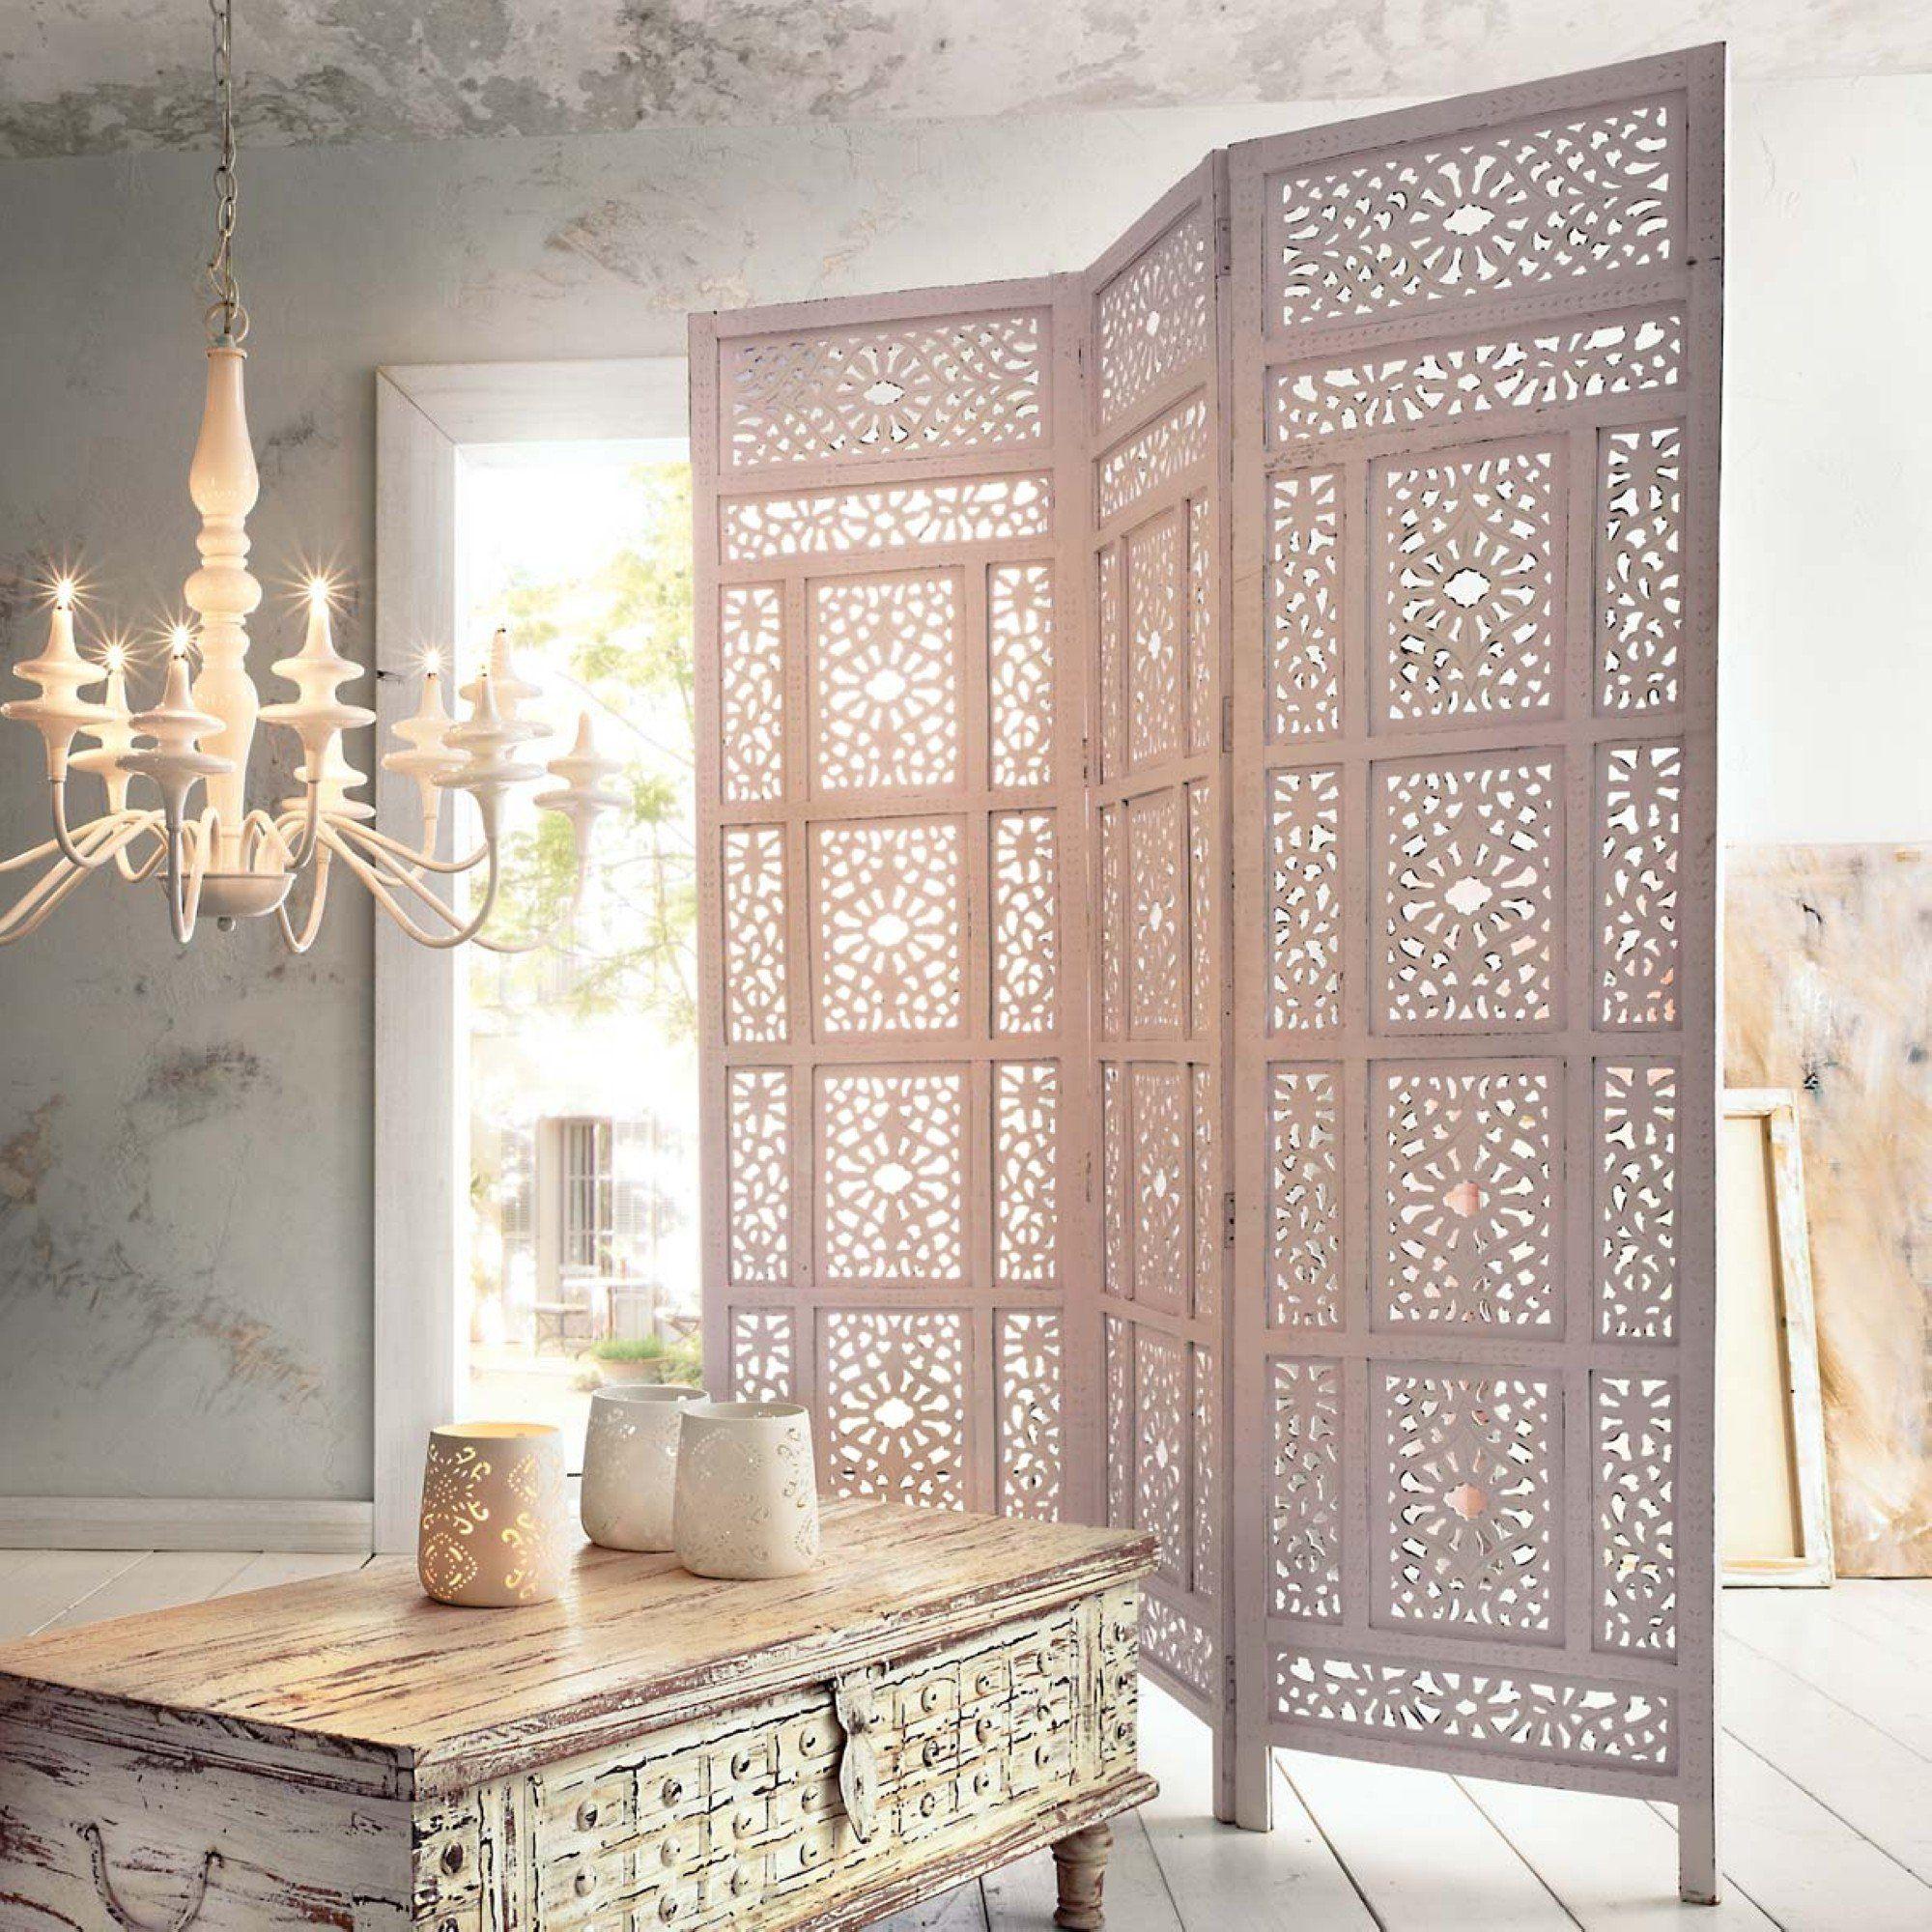 Paravent marokko aus holz wei casablanca pinterest for Orientalische wanddeko